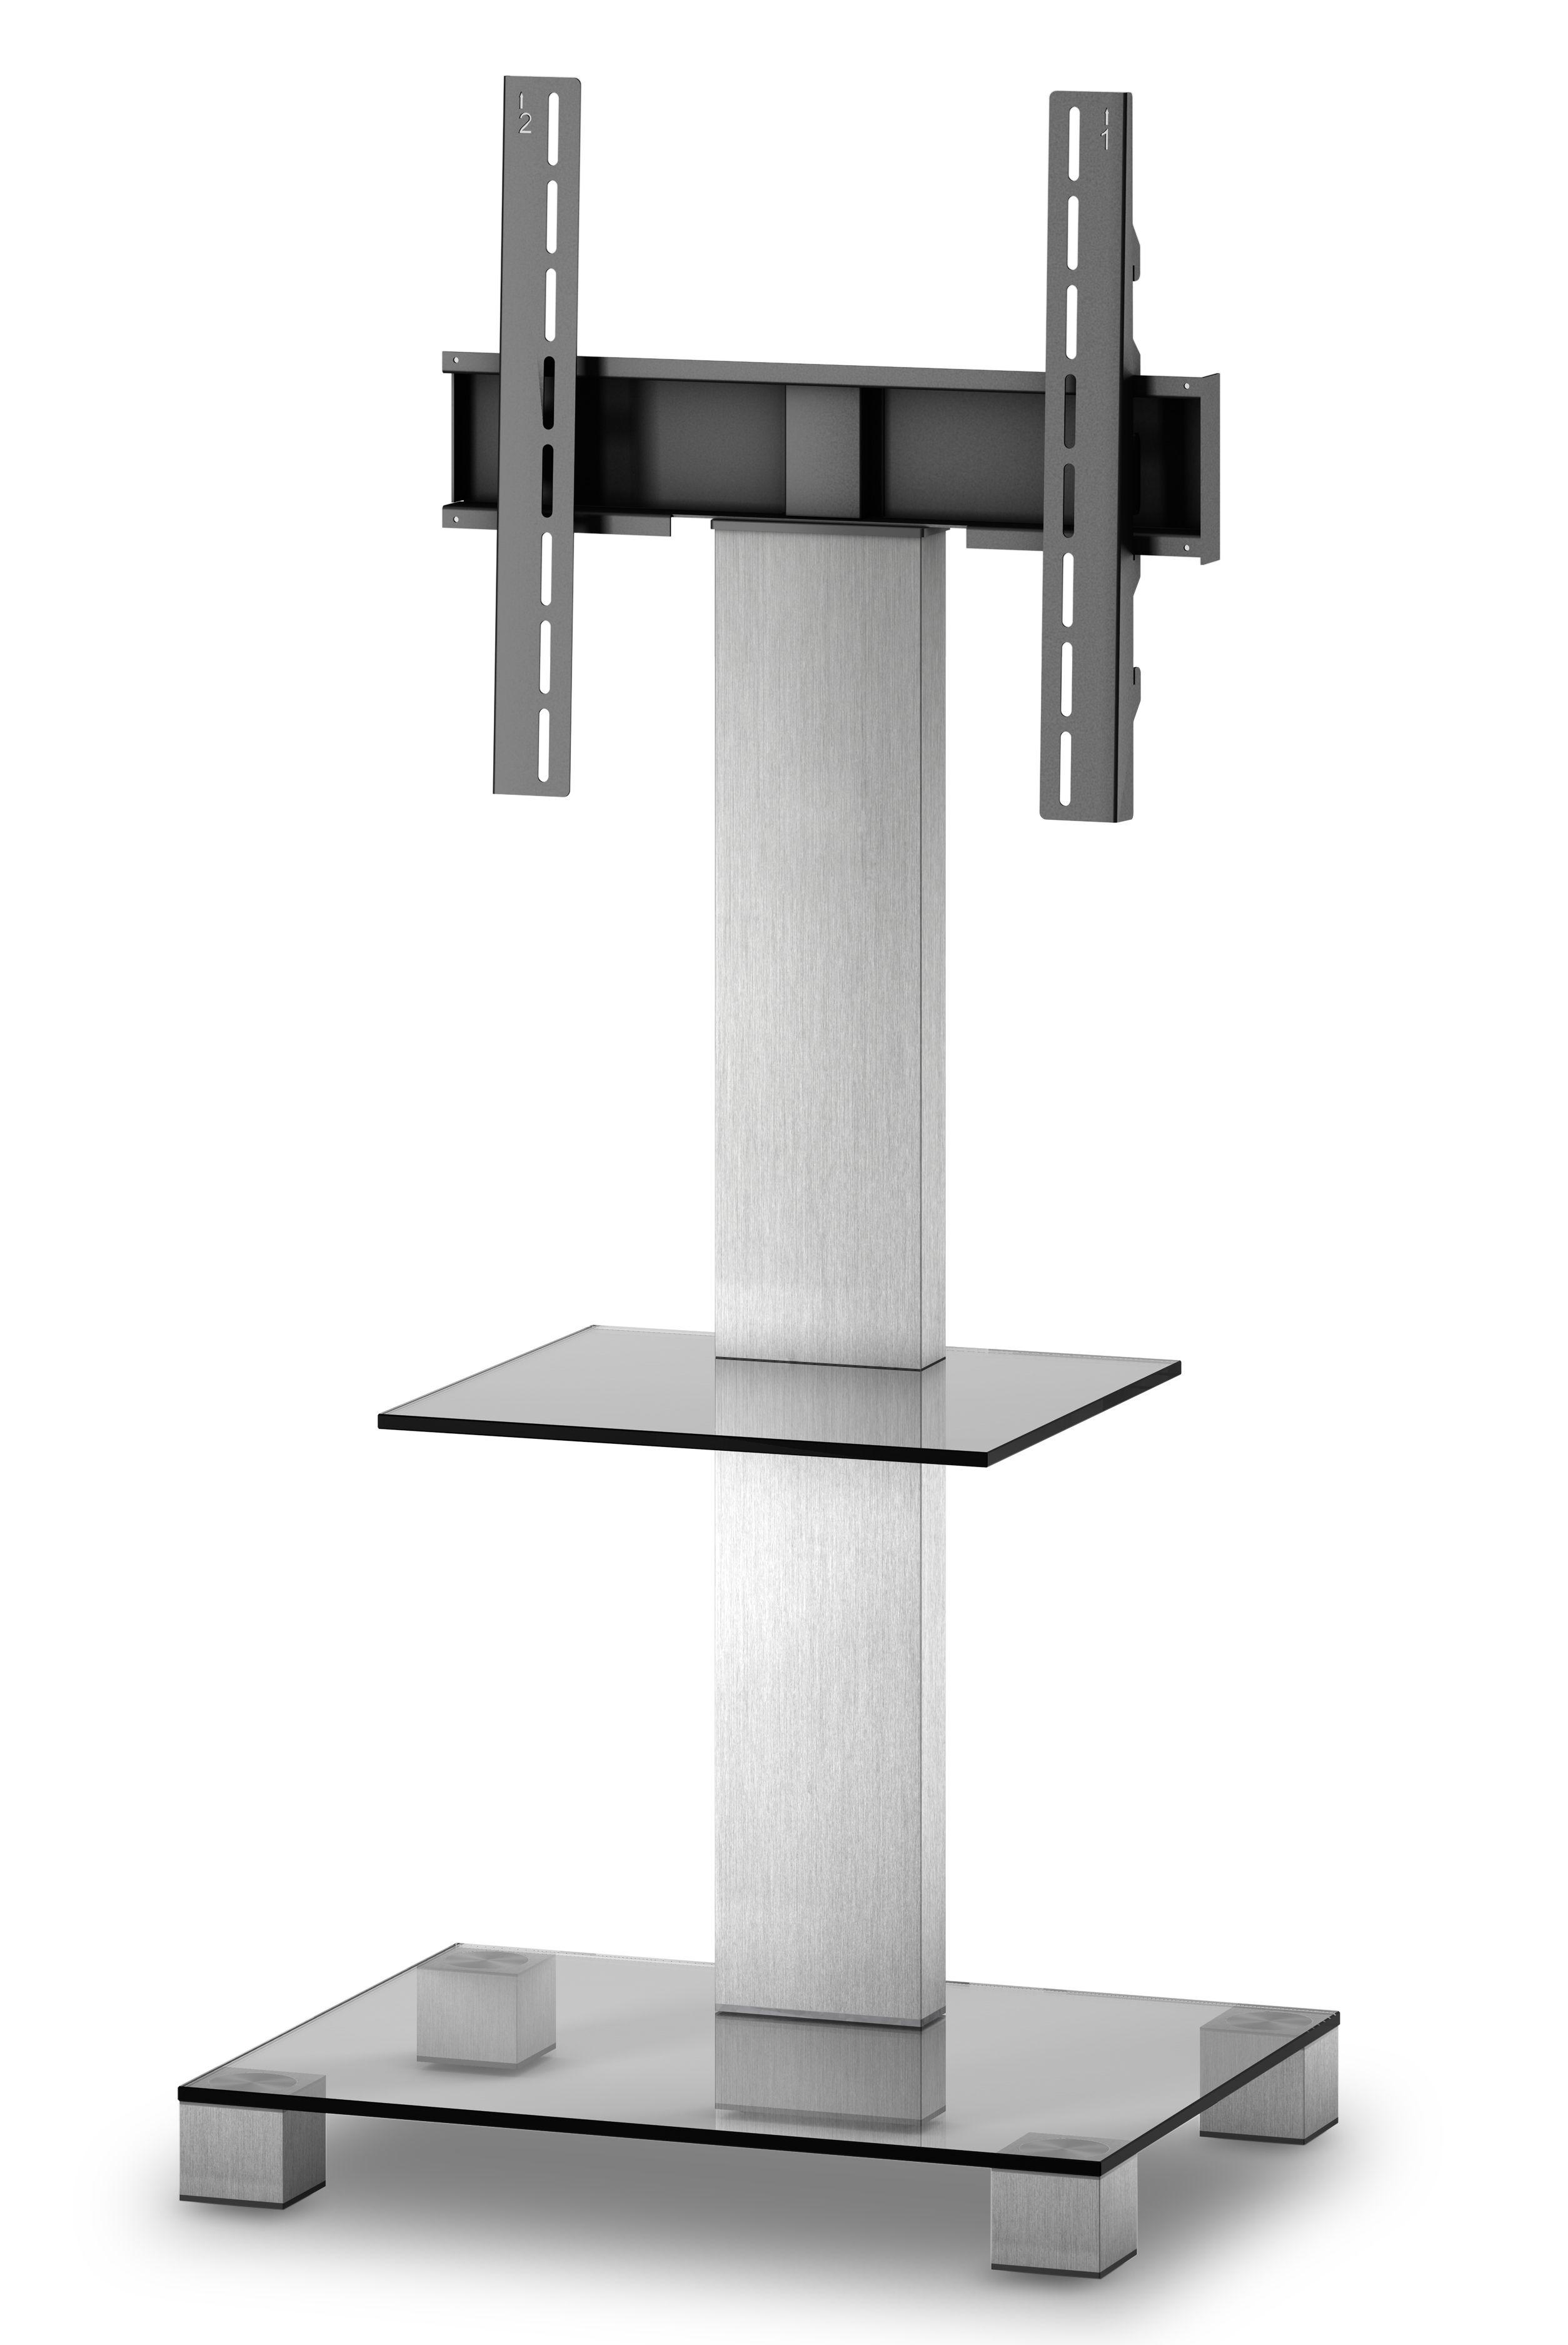 Elbe pl 2515 c inx mueble soporte para televisi n mueble for Muebles para led 50 pulgadas